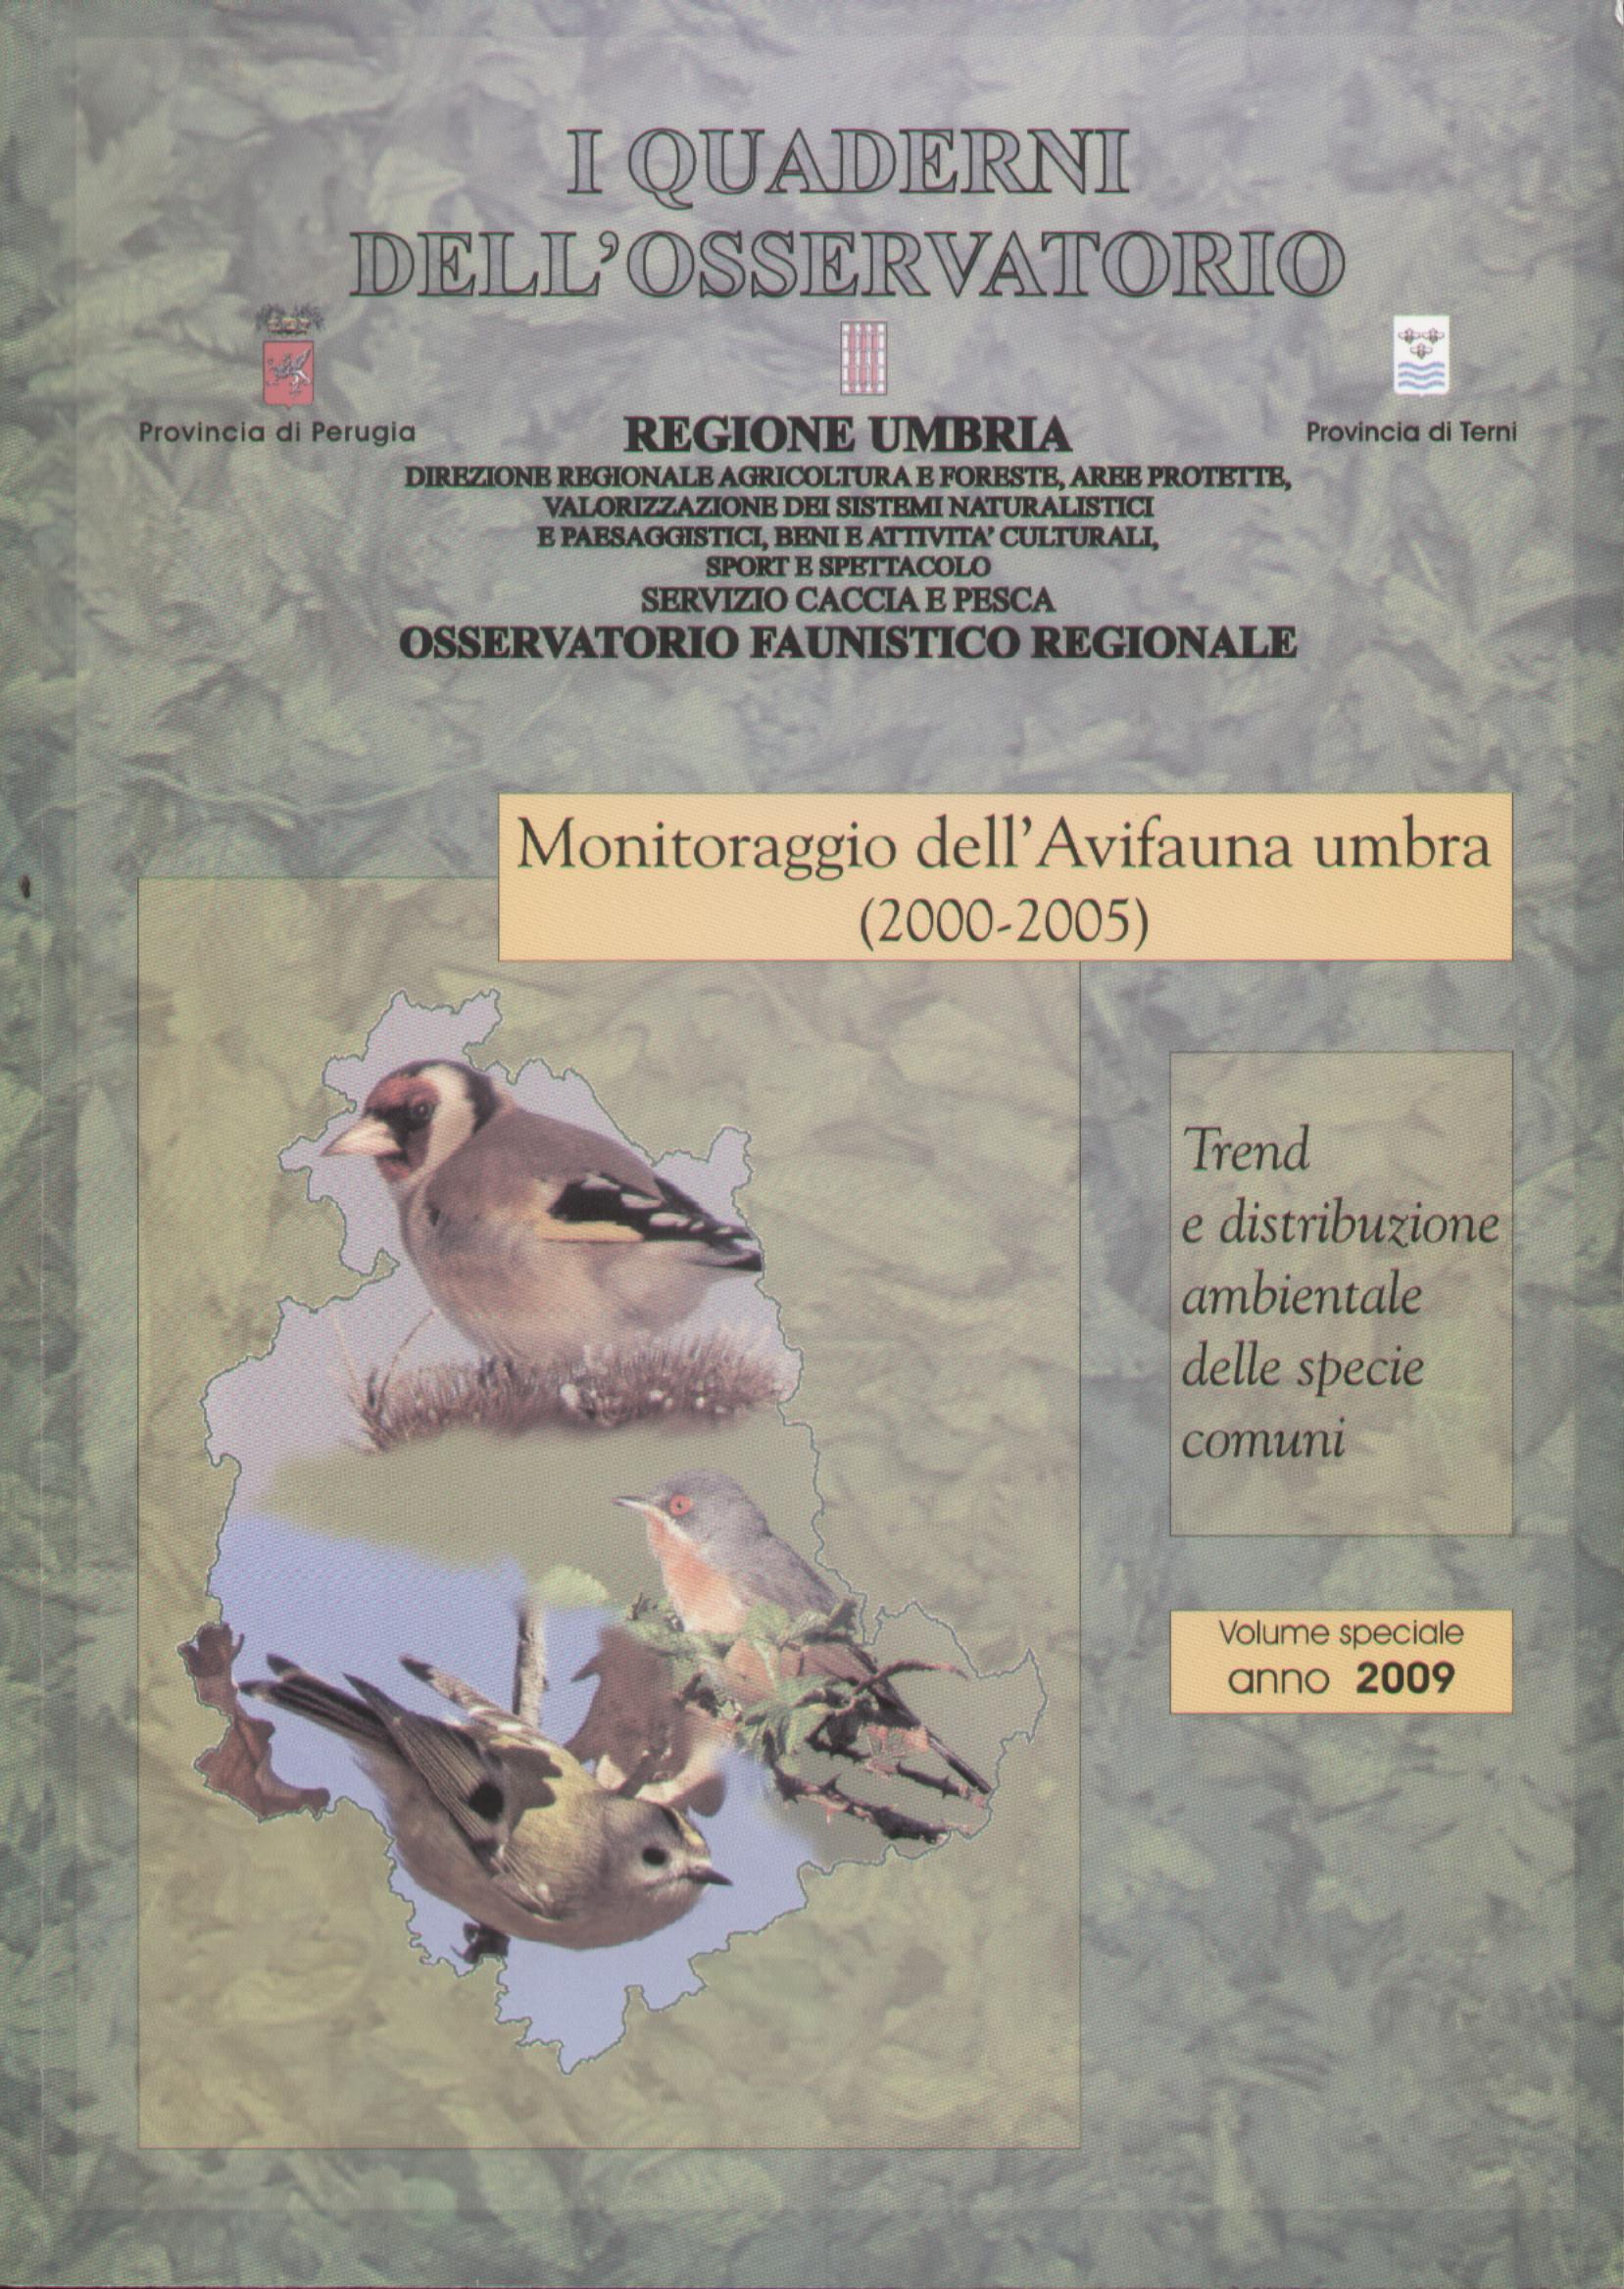 Monitoraggio dell'avifauna umbra (2000-2005)